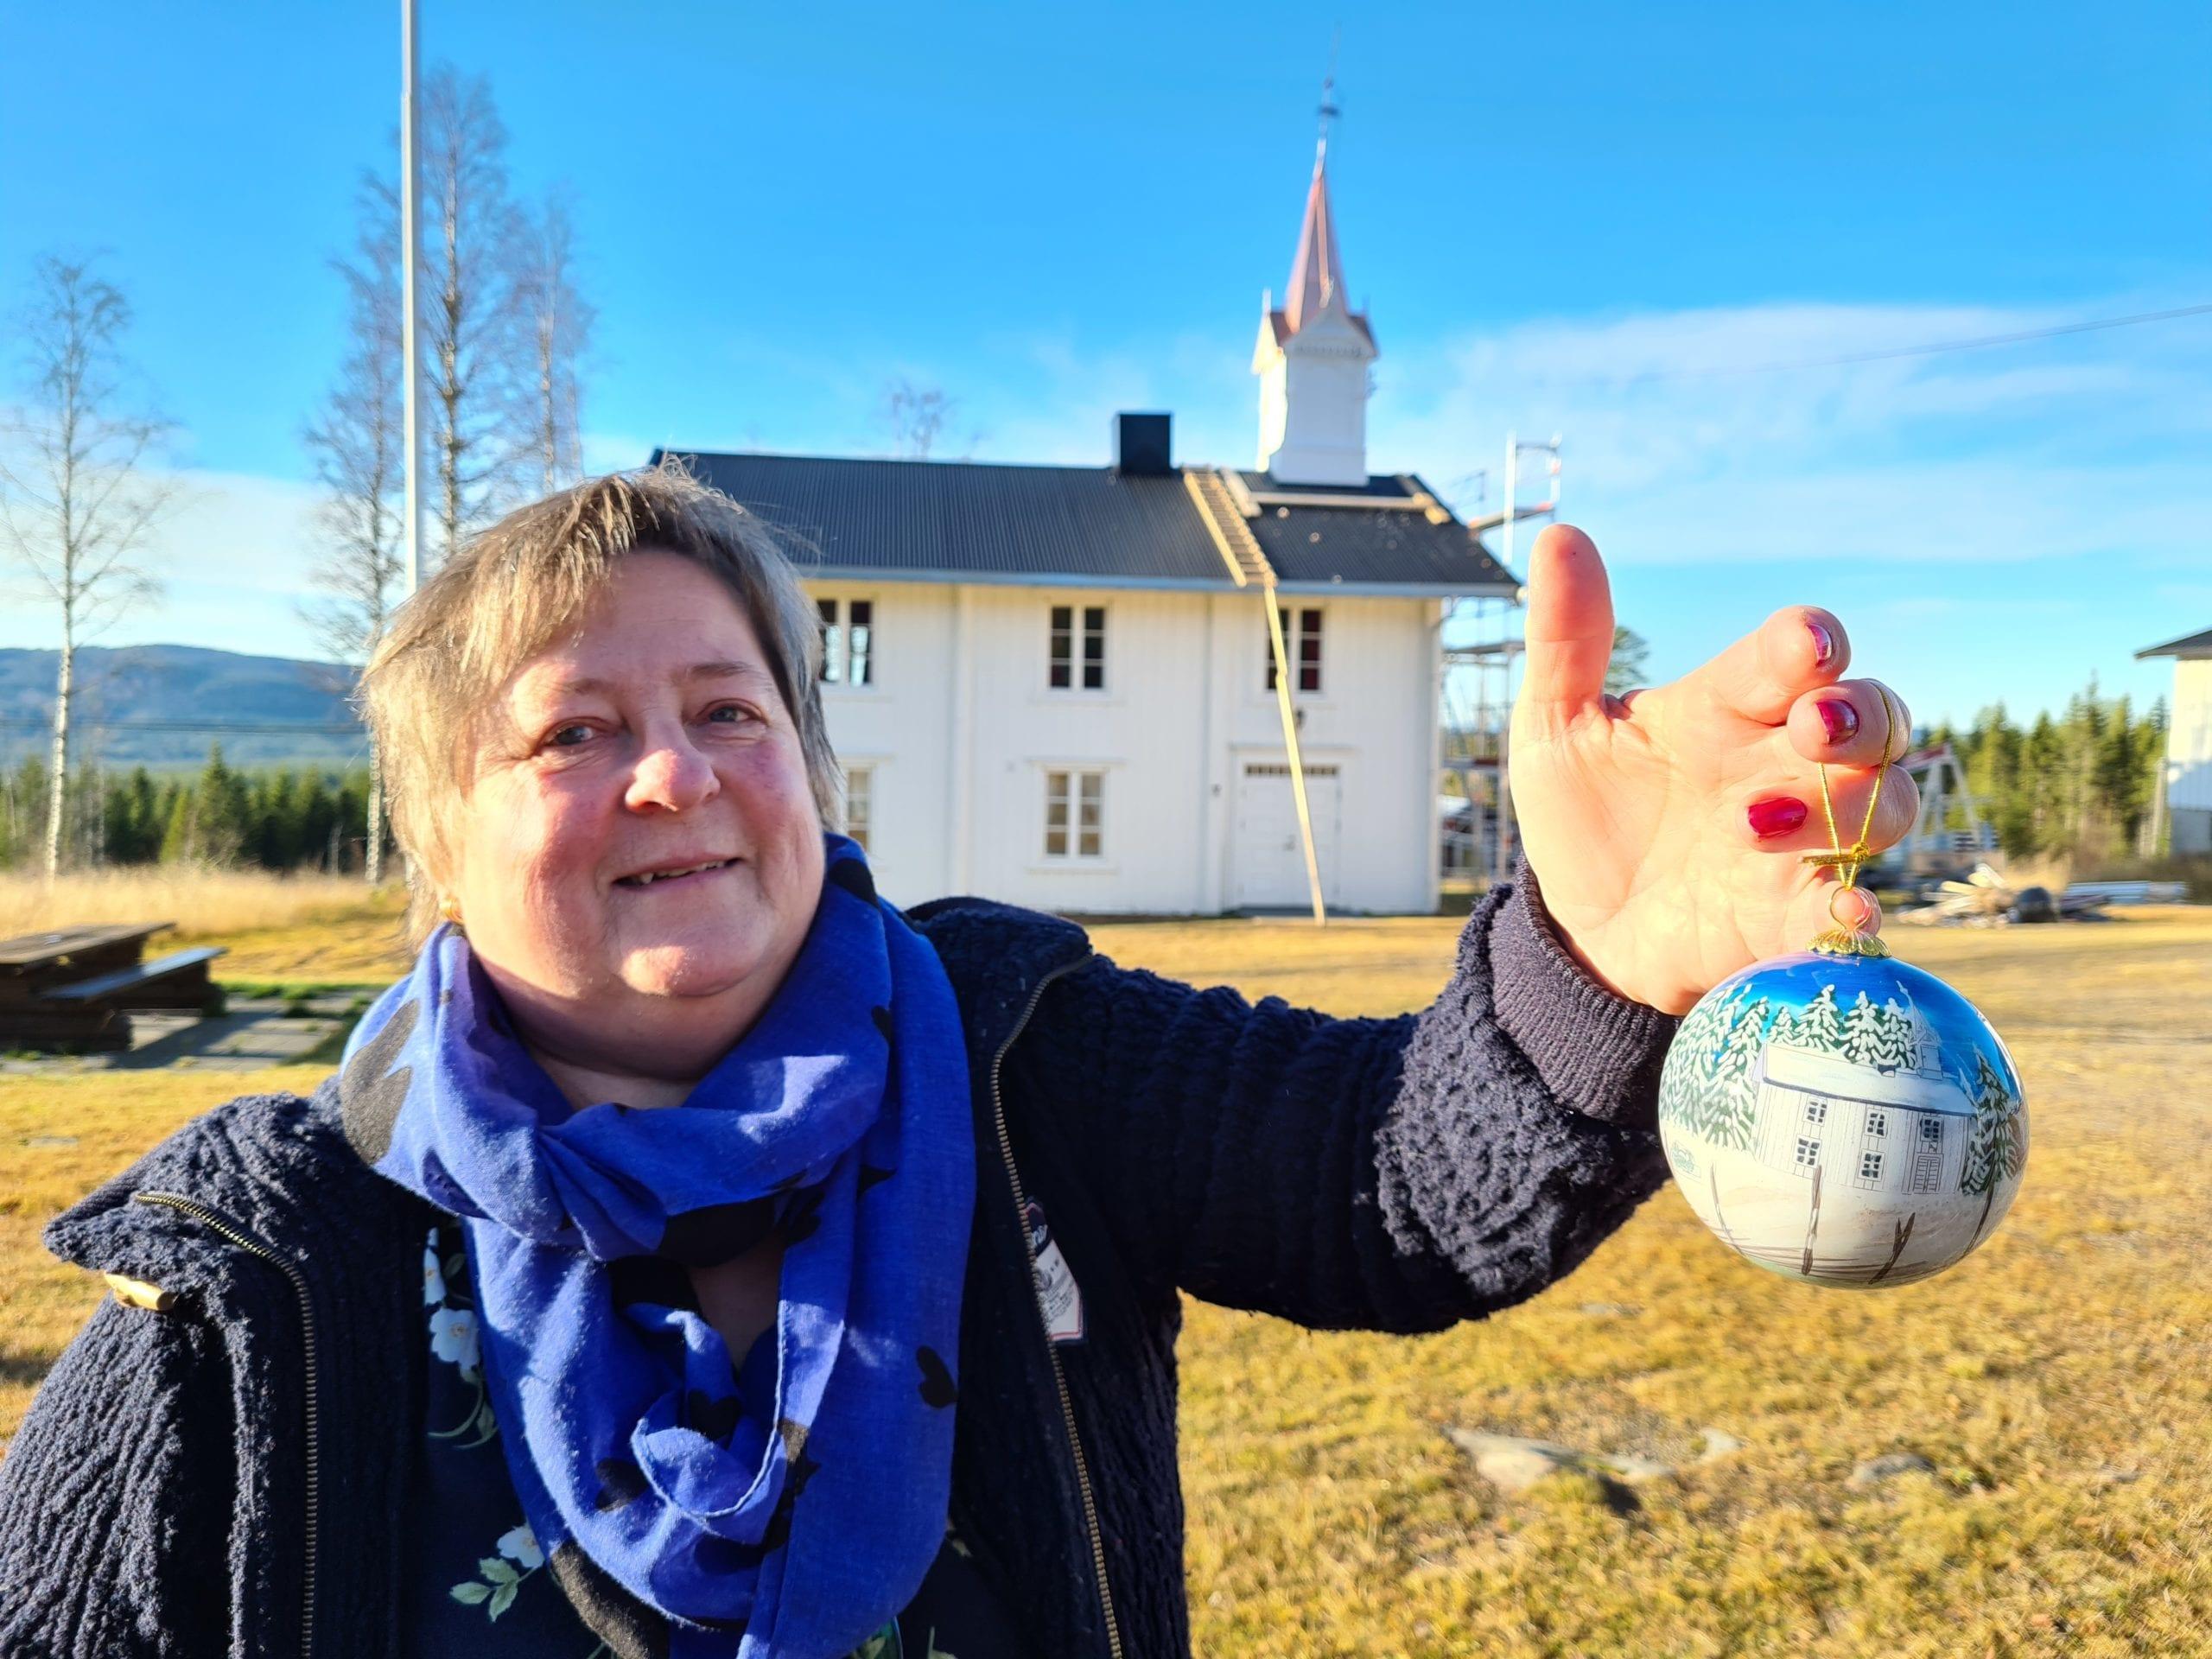 BESTILTE OPP KULER: Risberget kirkesal var den eneste kirkebygningen i Våler uten egen julekule. Liv Margrethe Rundberget tok saken i egne hender, og har nå fått produsert Risbergets egen julekule.